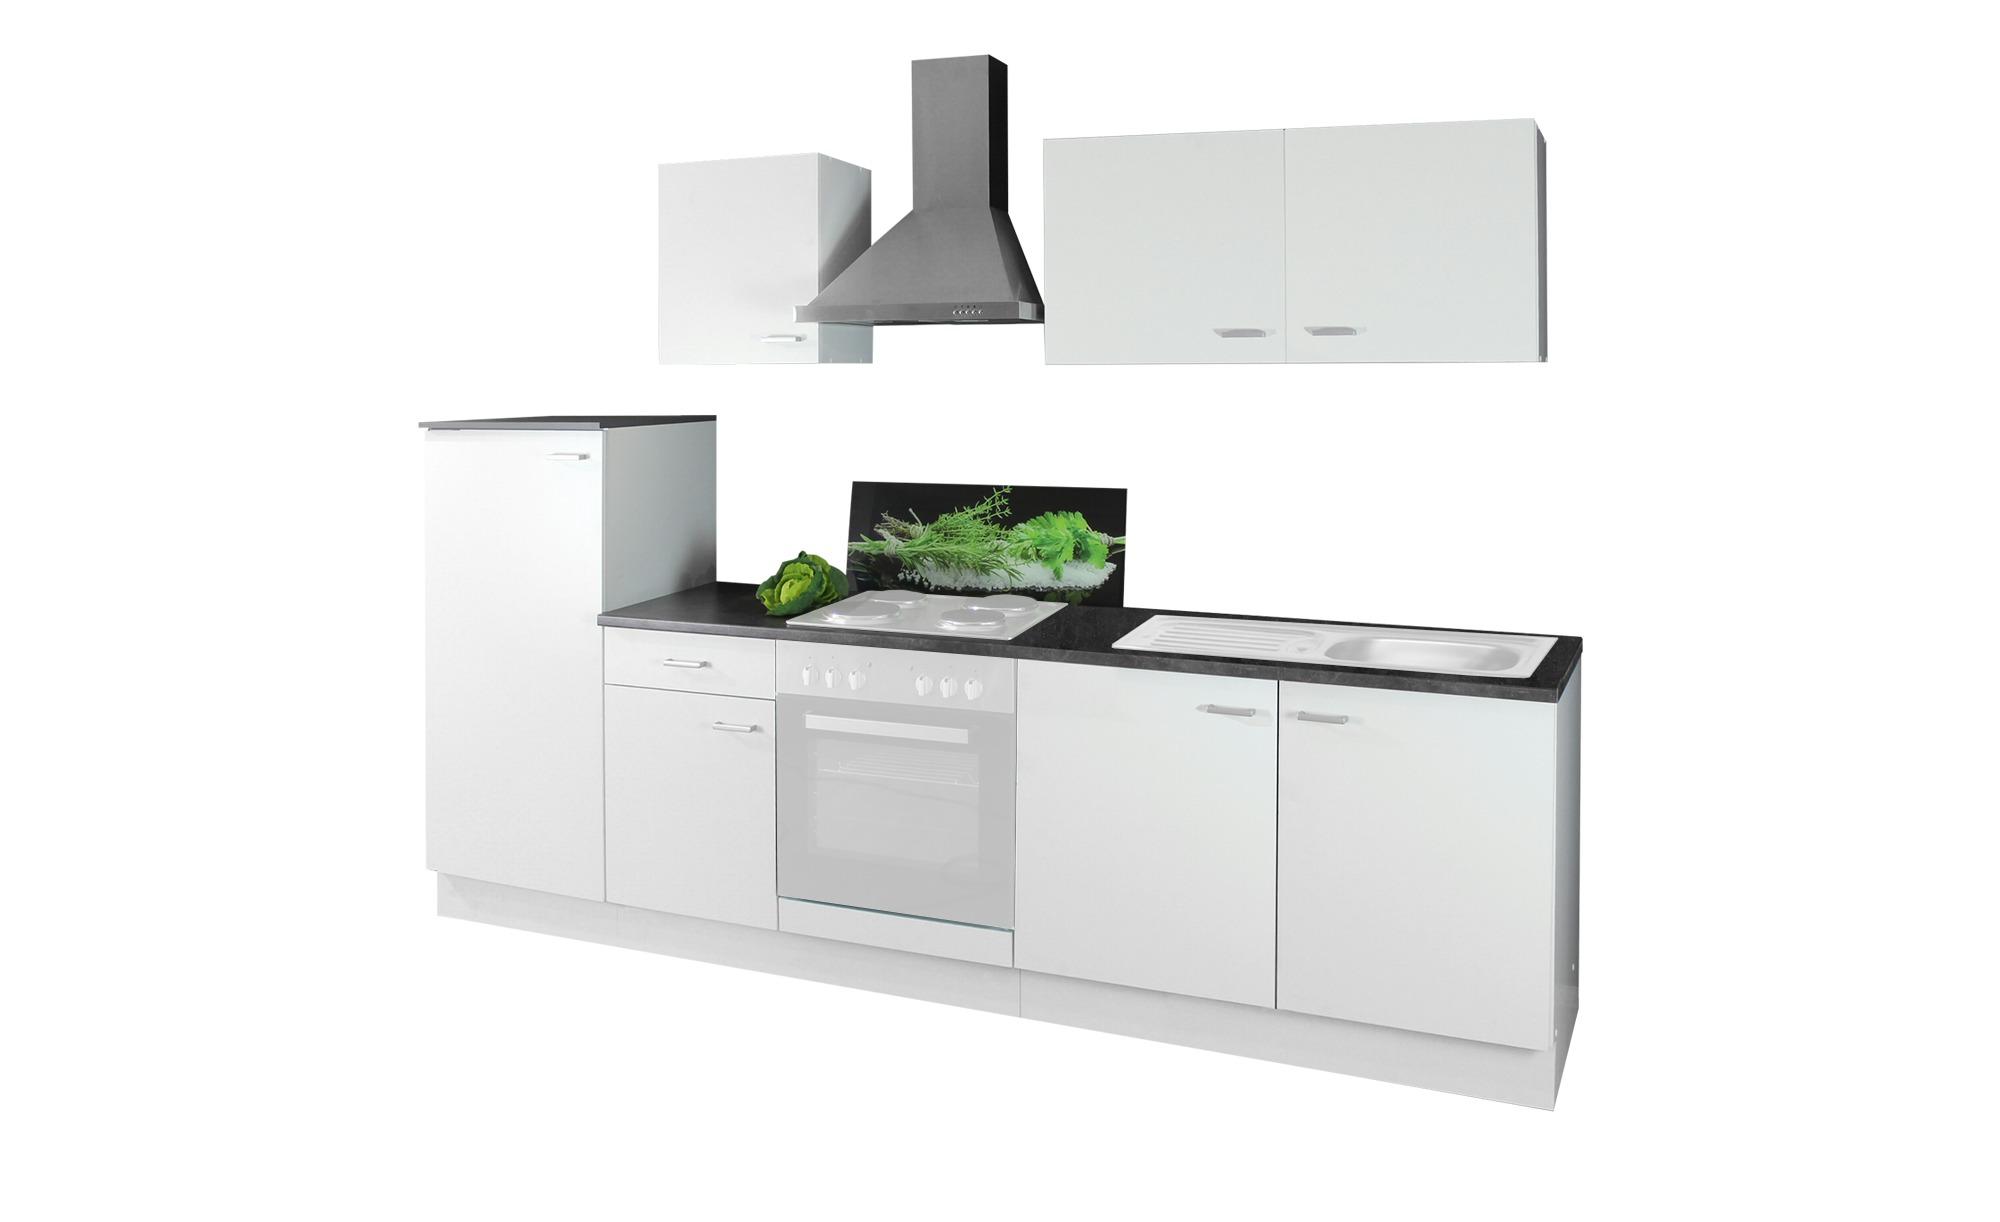 Küchenblock ohne Elektrogeräte Germany, gefunden bei Sconto